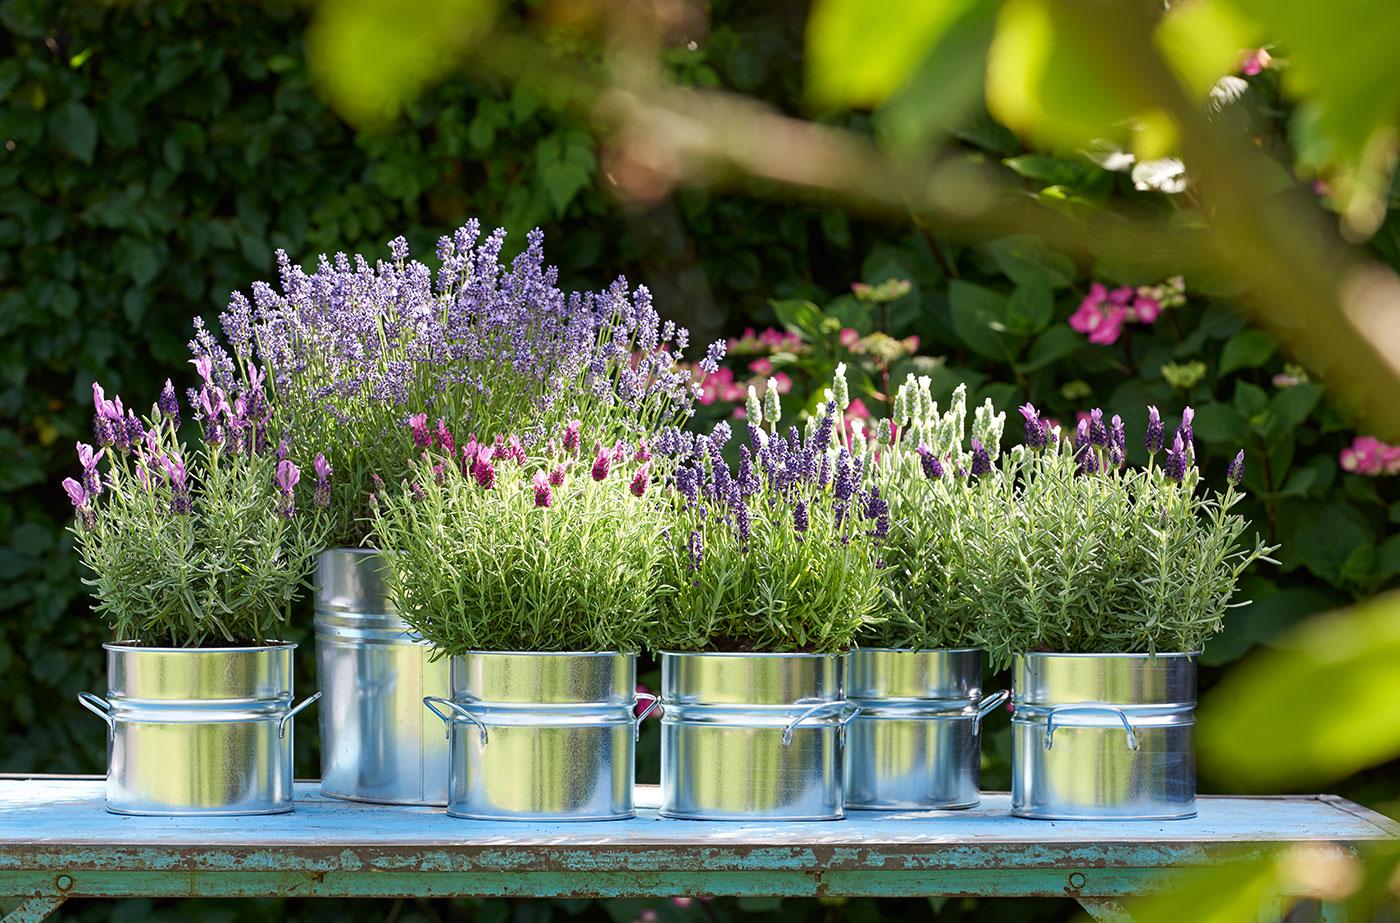 Lavendel in Töpfen